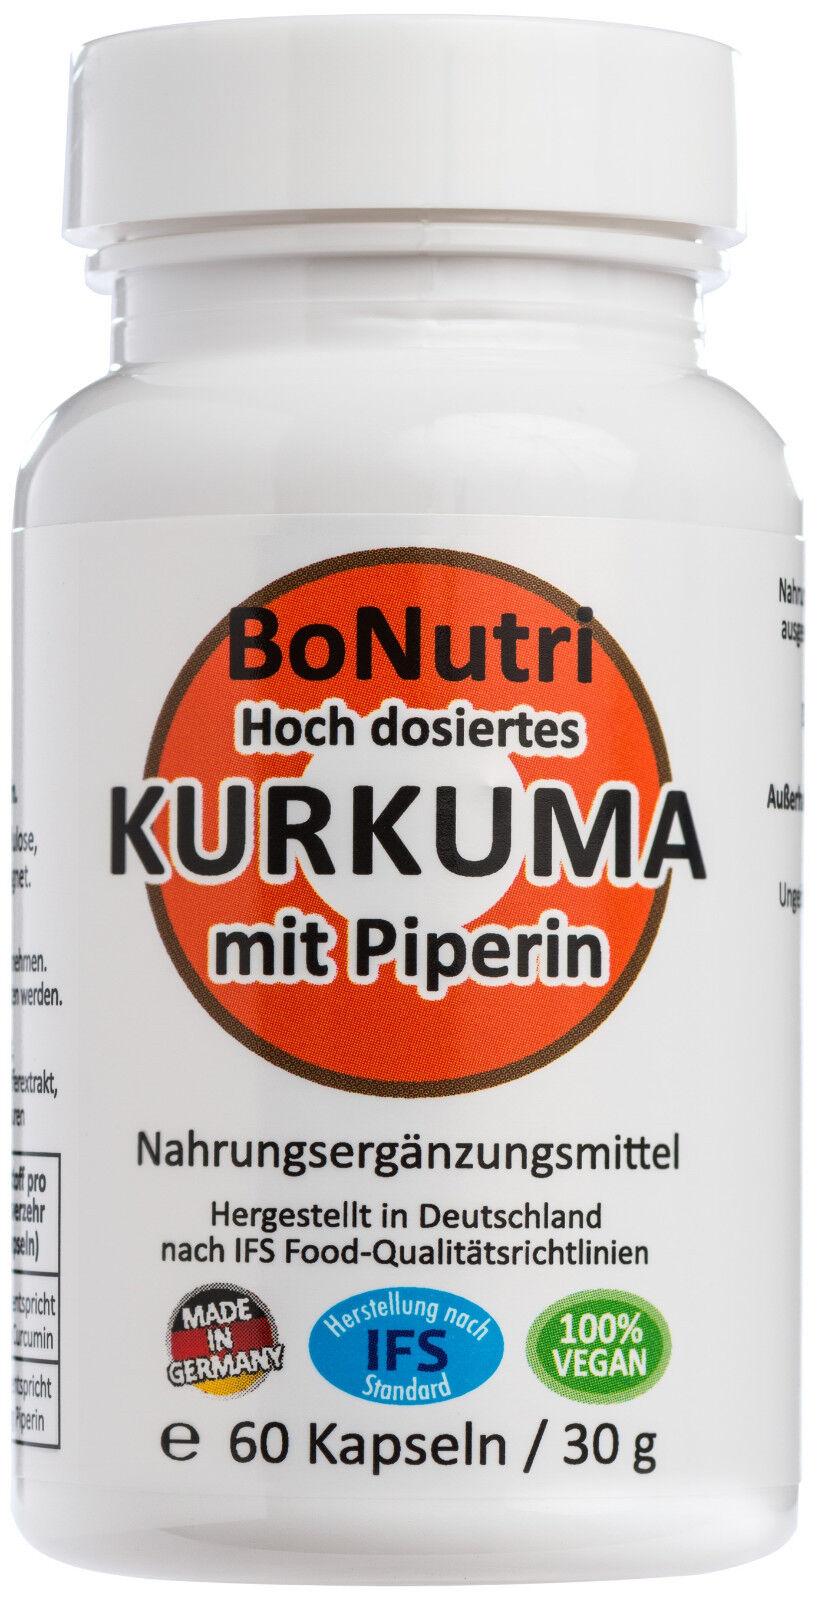 Kurkuma Curcuma mit Piperin 760 mg Curcumin pro Tag 60 Kapseln Monatsbedarf